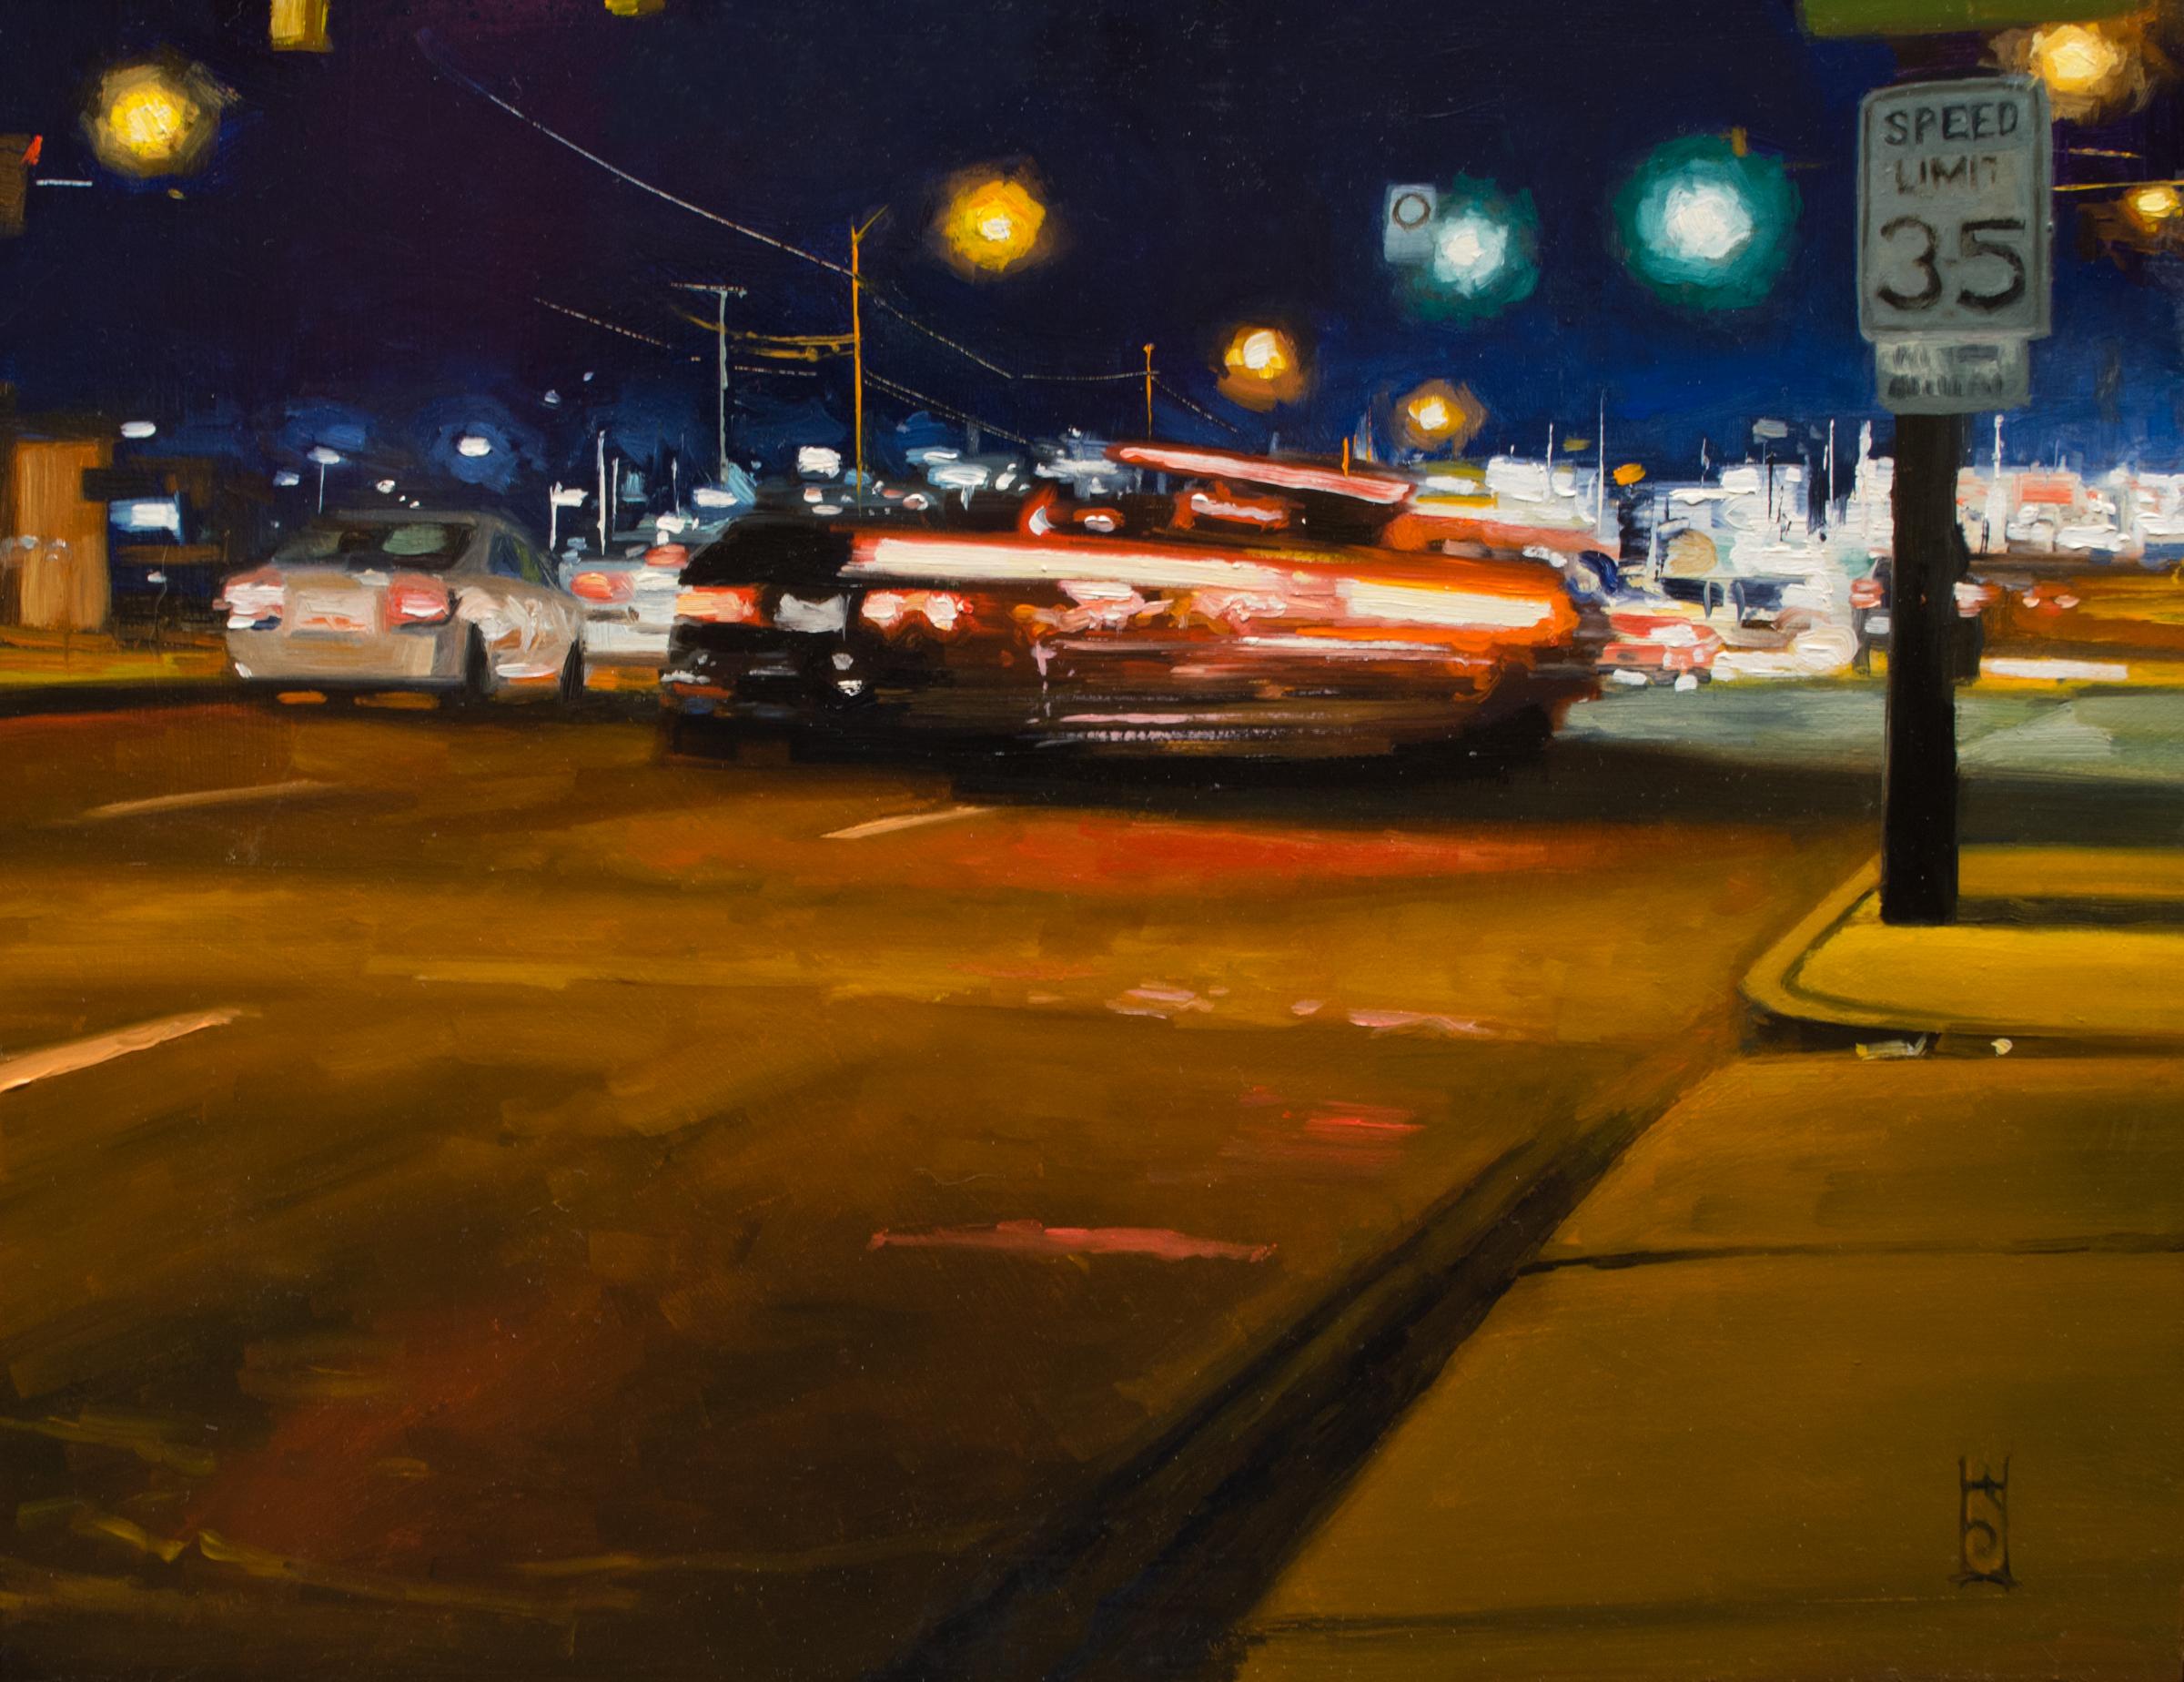 Walker, Steven_Broad Limits_14x11_oil on panel_$1100.jpg